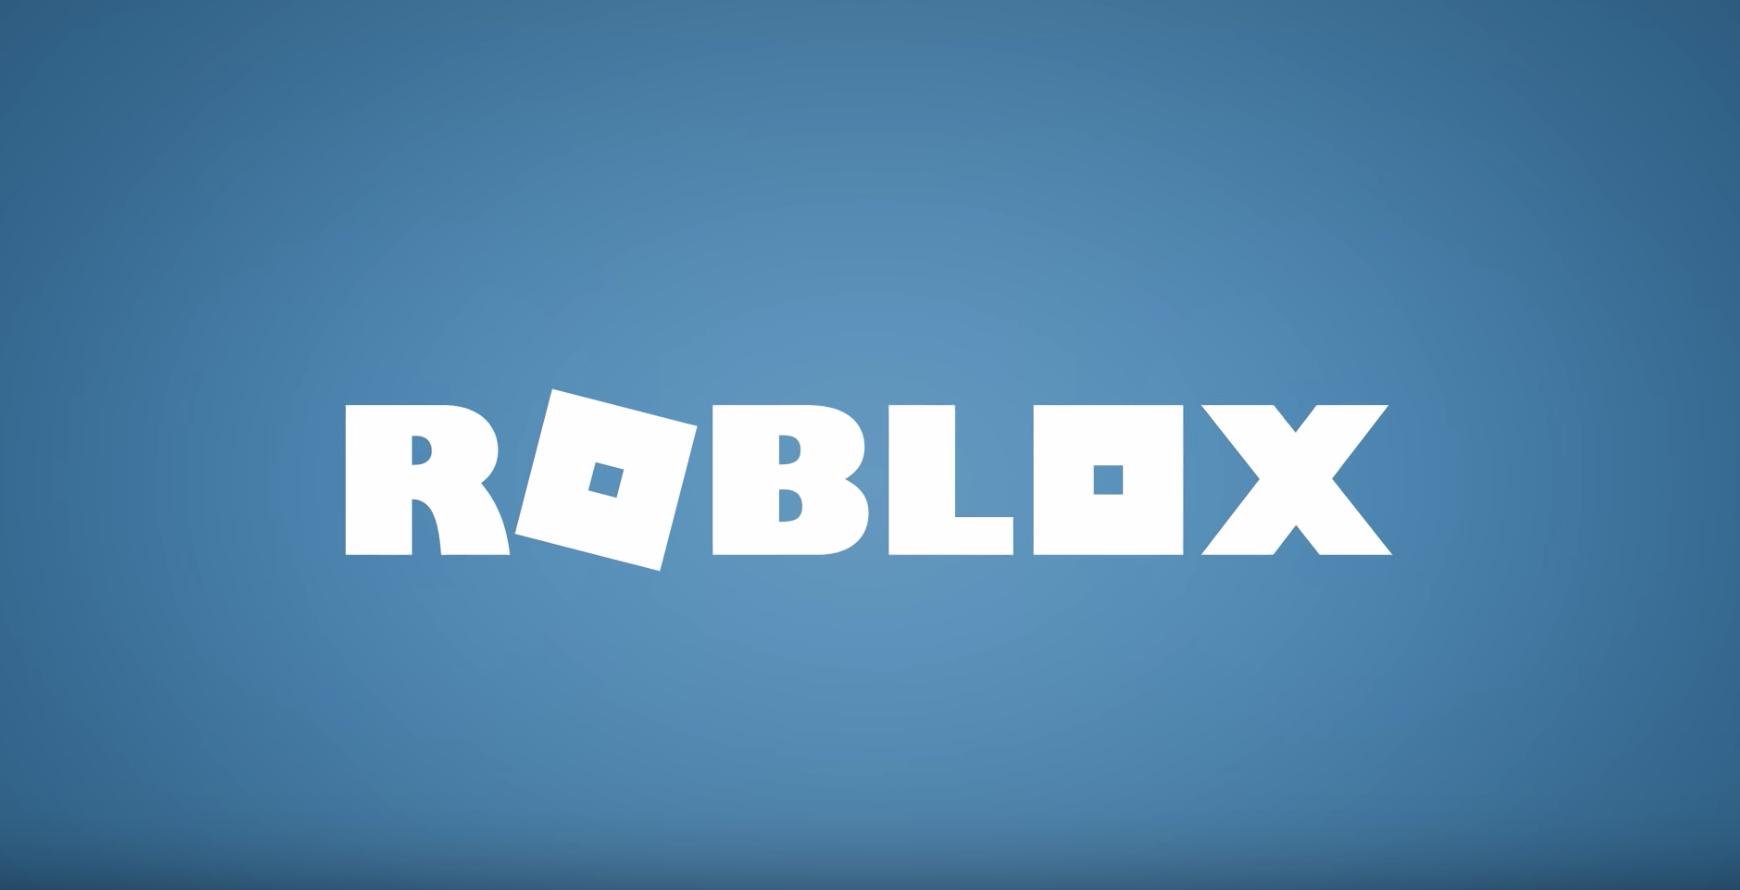 Jeux Roblox - Inscrivez-Vous Maintenant Pour Jouer | Jeux.fr dedans Jouer Aux Puzzles Gratuitement